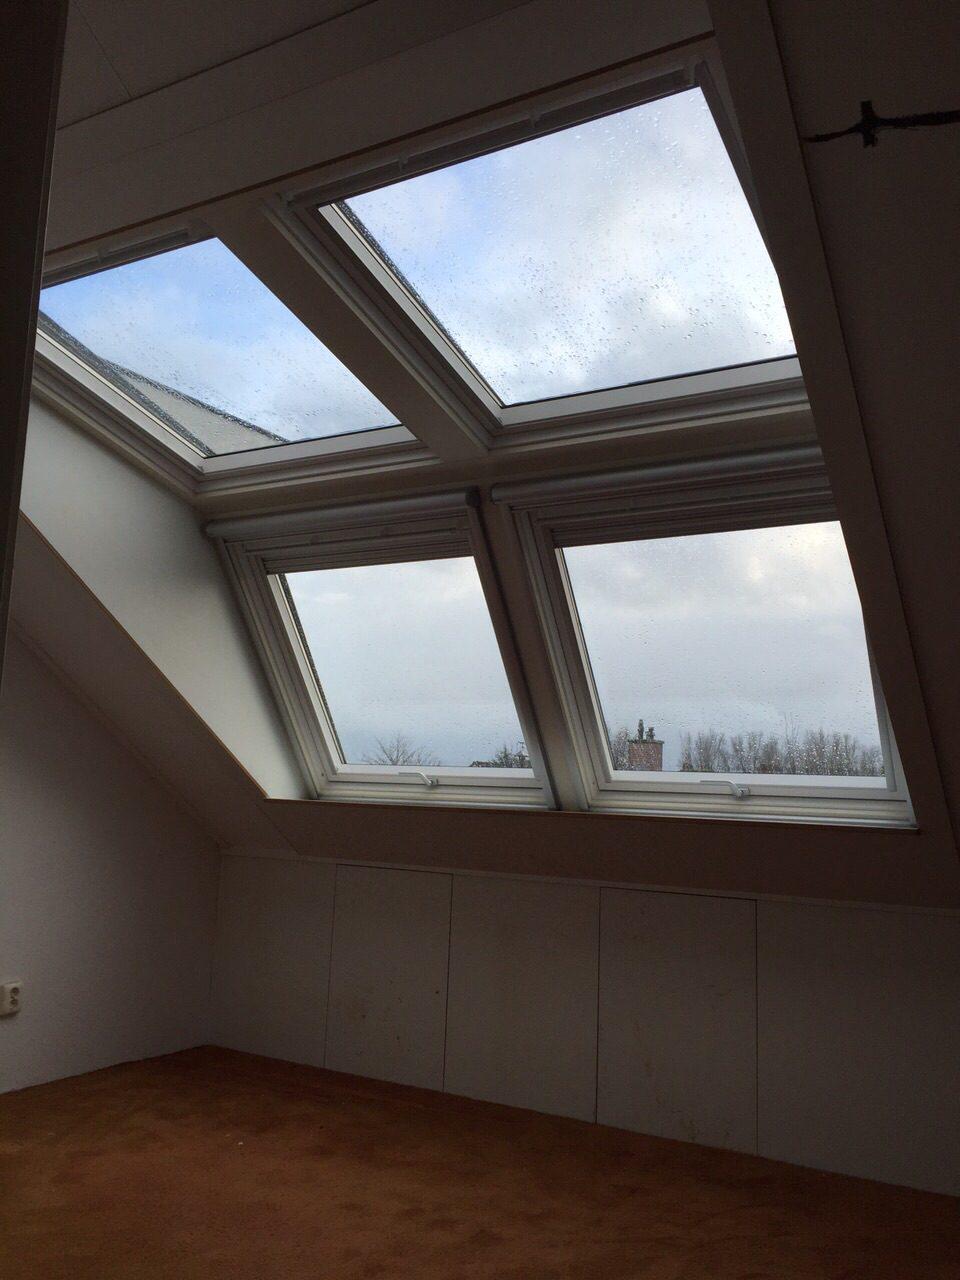 Verhoef-Dakramen-project-Baskapel serre in Houten-231305